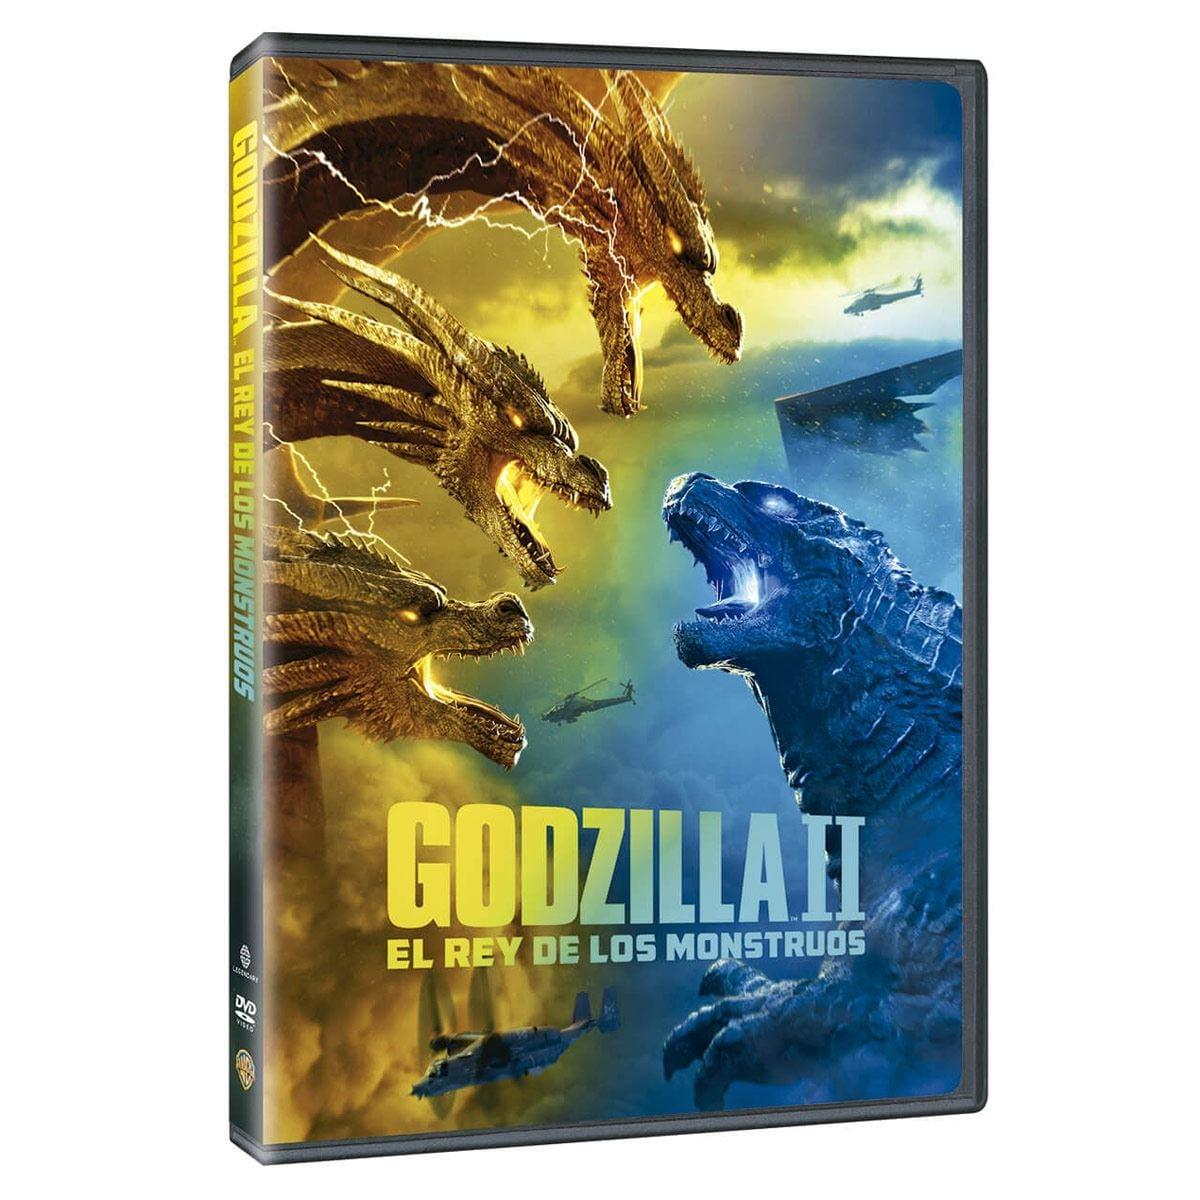 DVD Godzilla II El Rey de los Monstruos